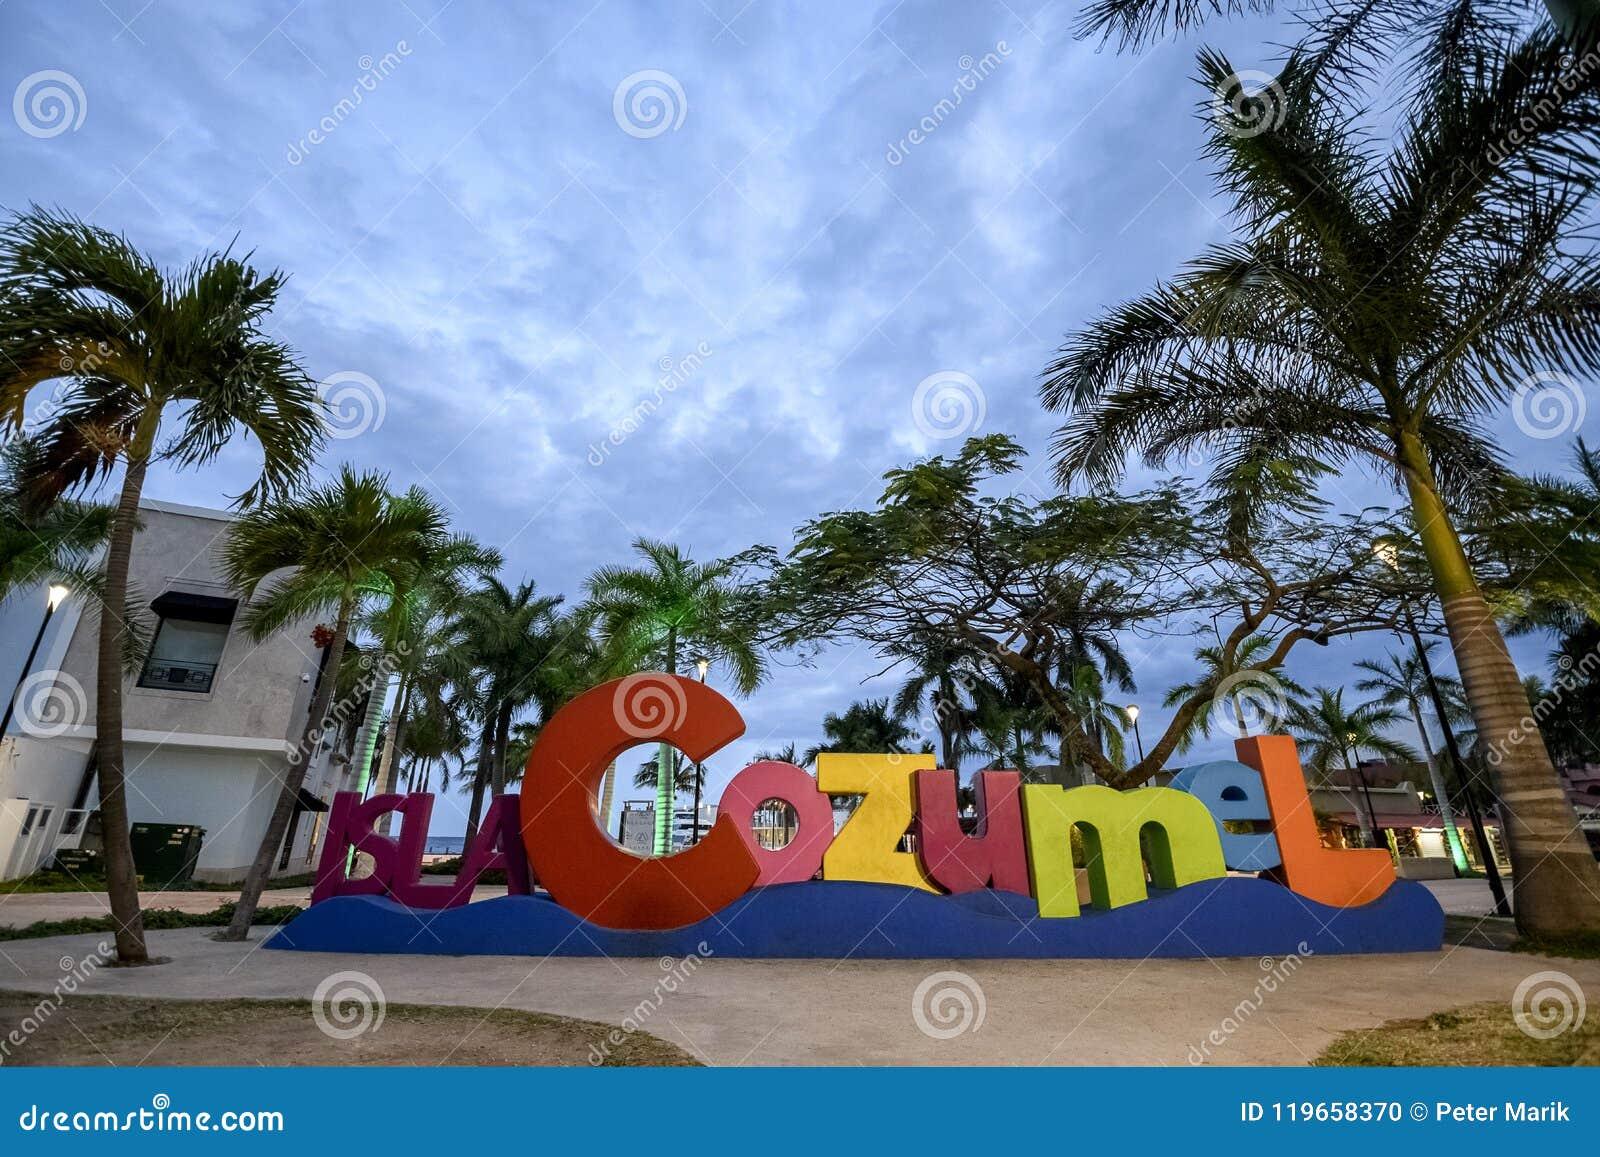 Το Cozumel selfie υπογράφει στο σούρουπο στο κύριο τετράγωνο του νησιού